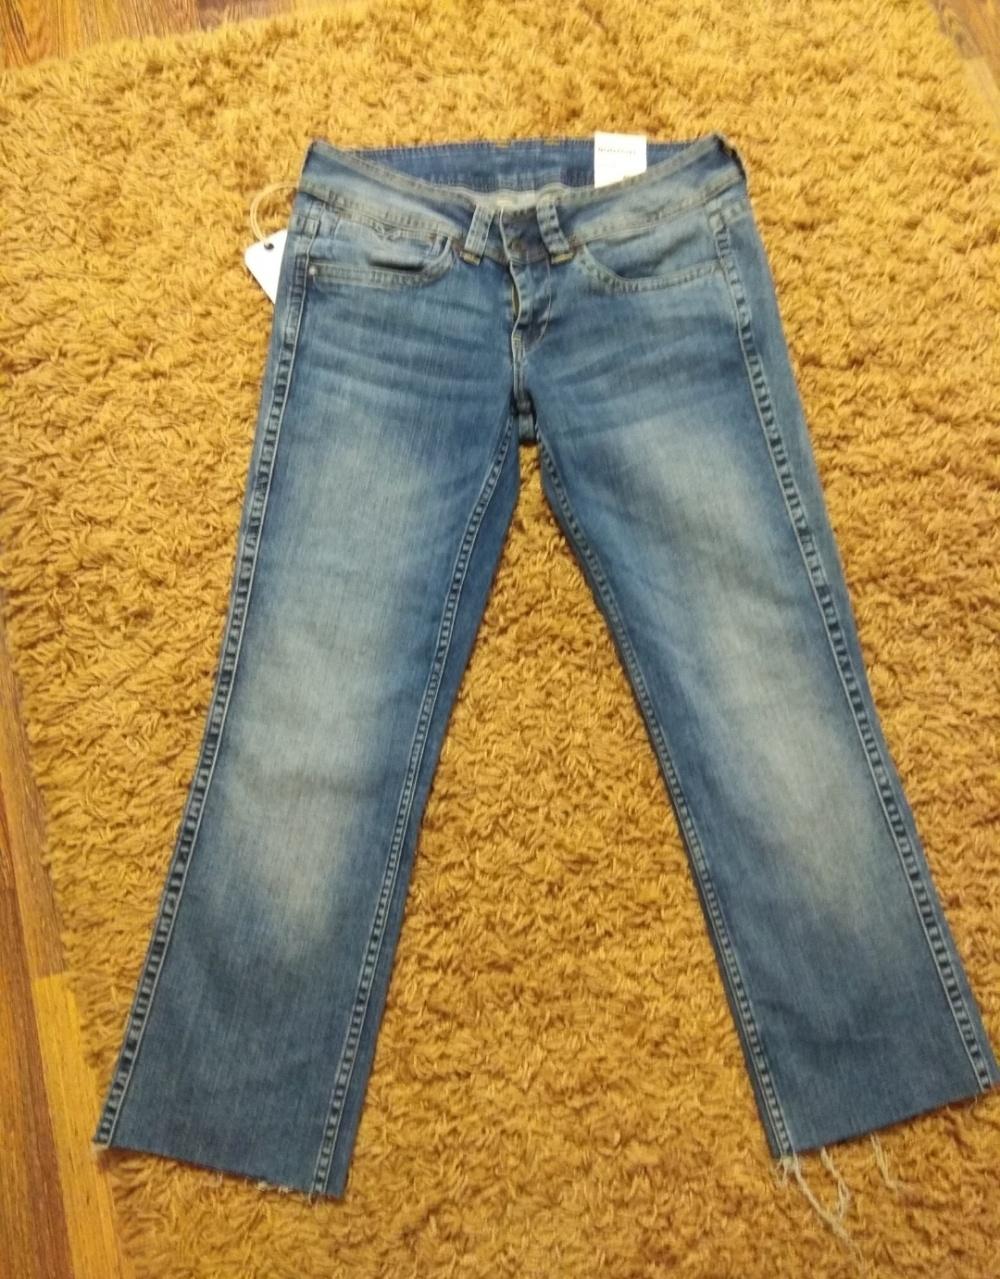 Джинсы Pepe jeans  размер 29 ( 46 рус )